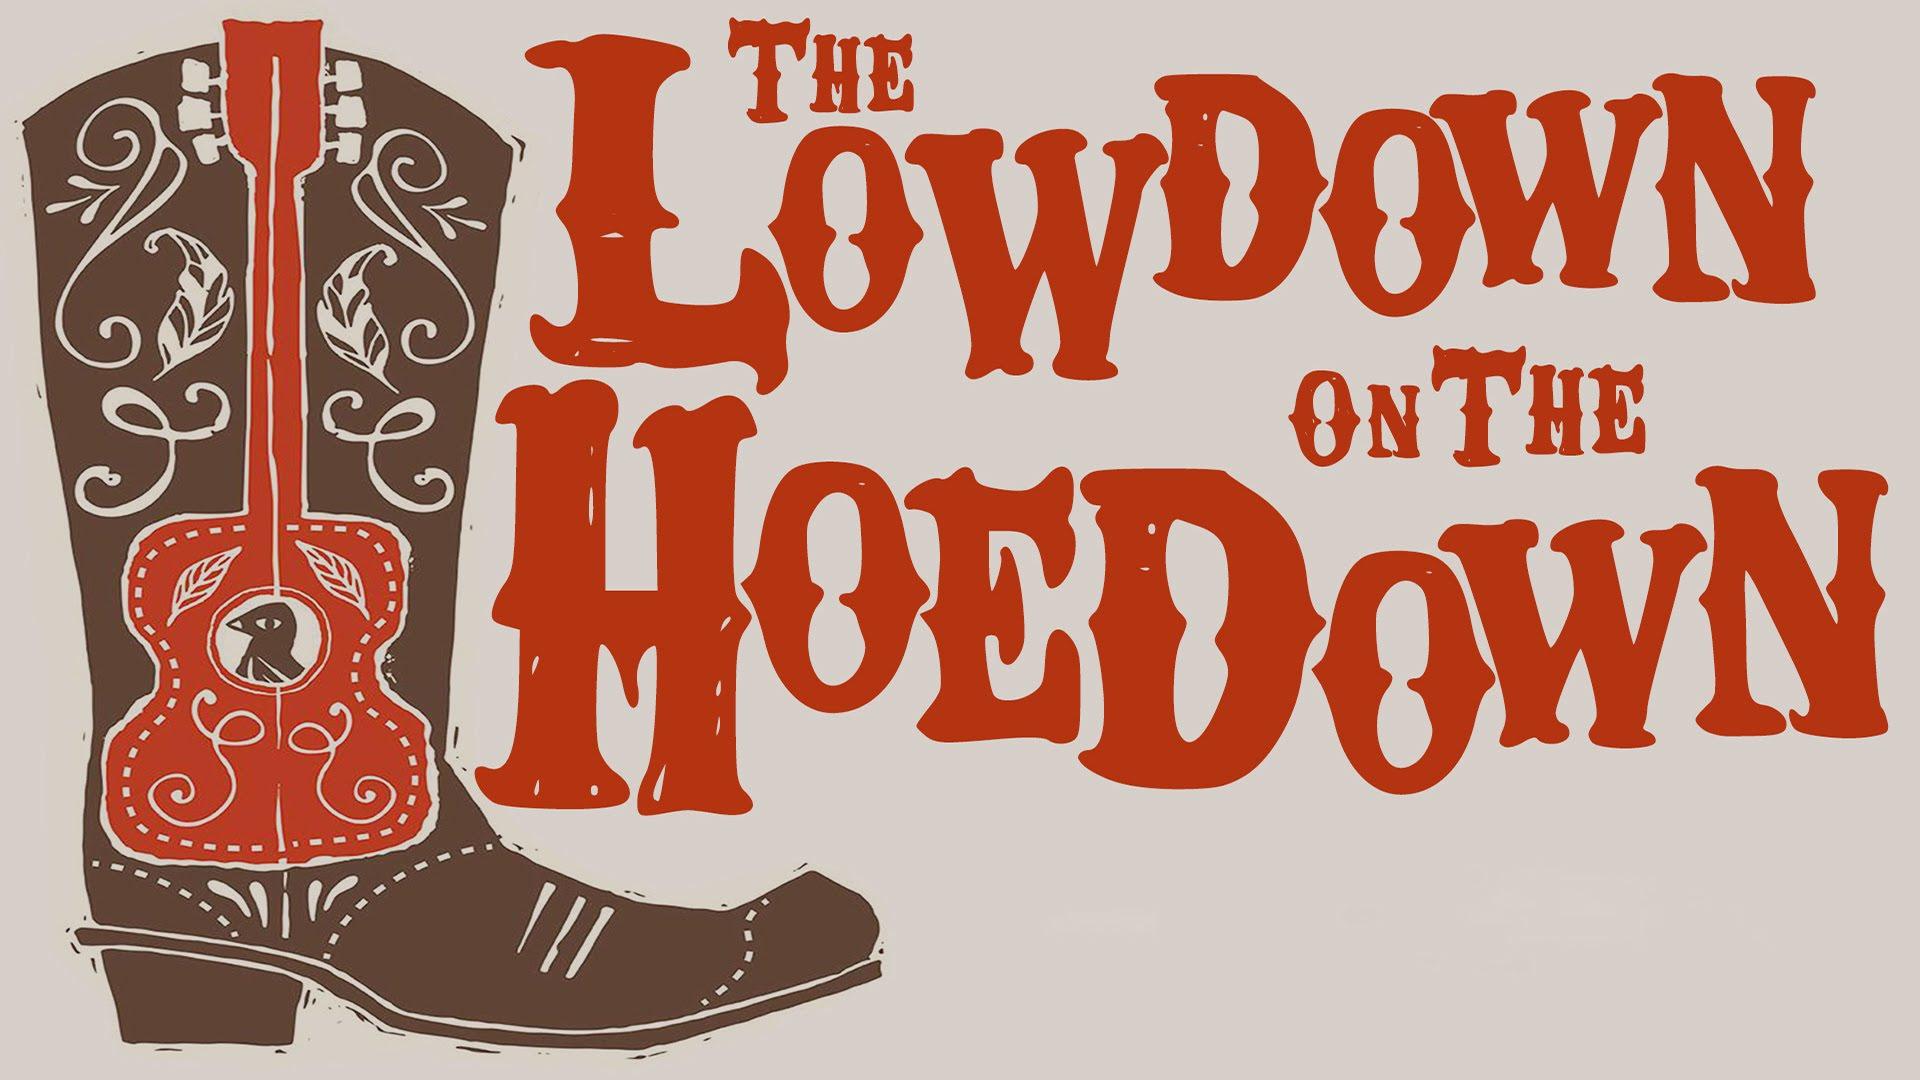 Western Hoedown